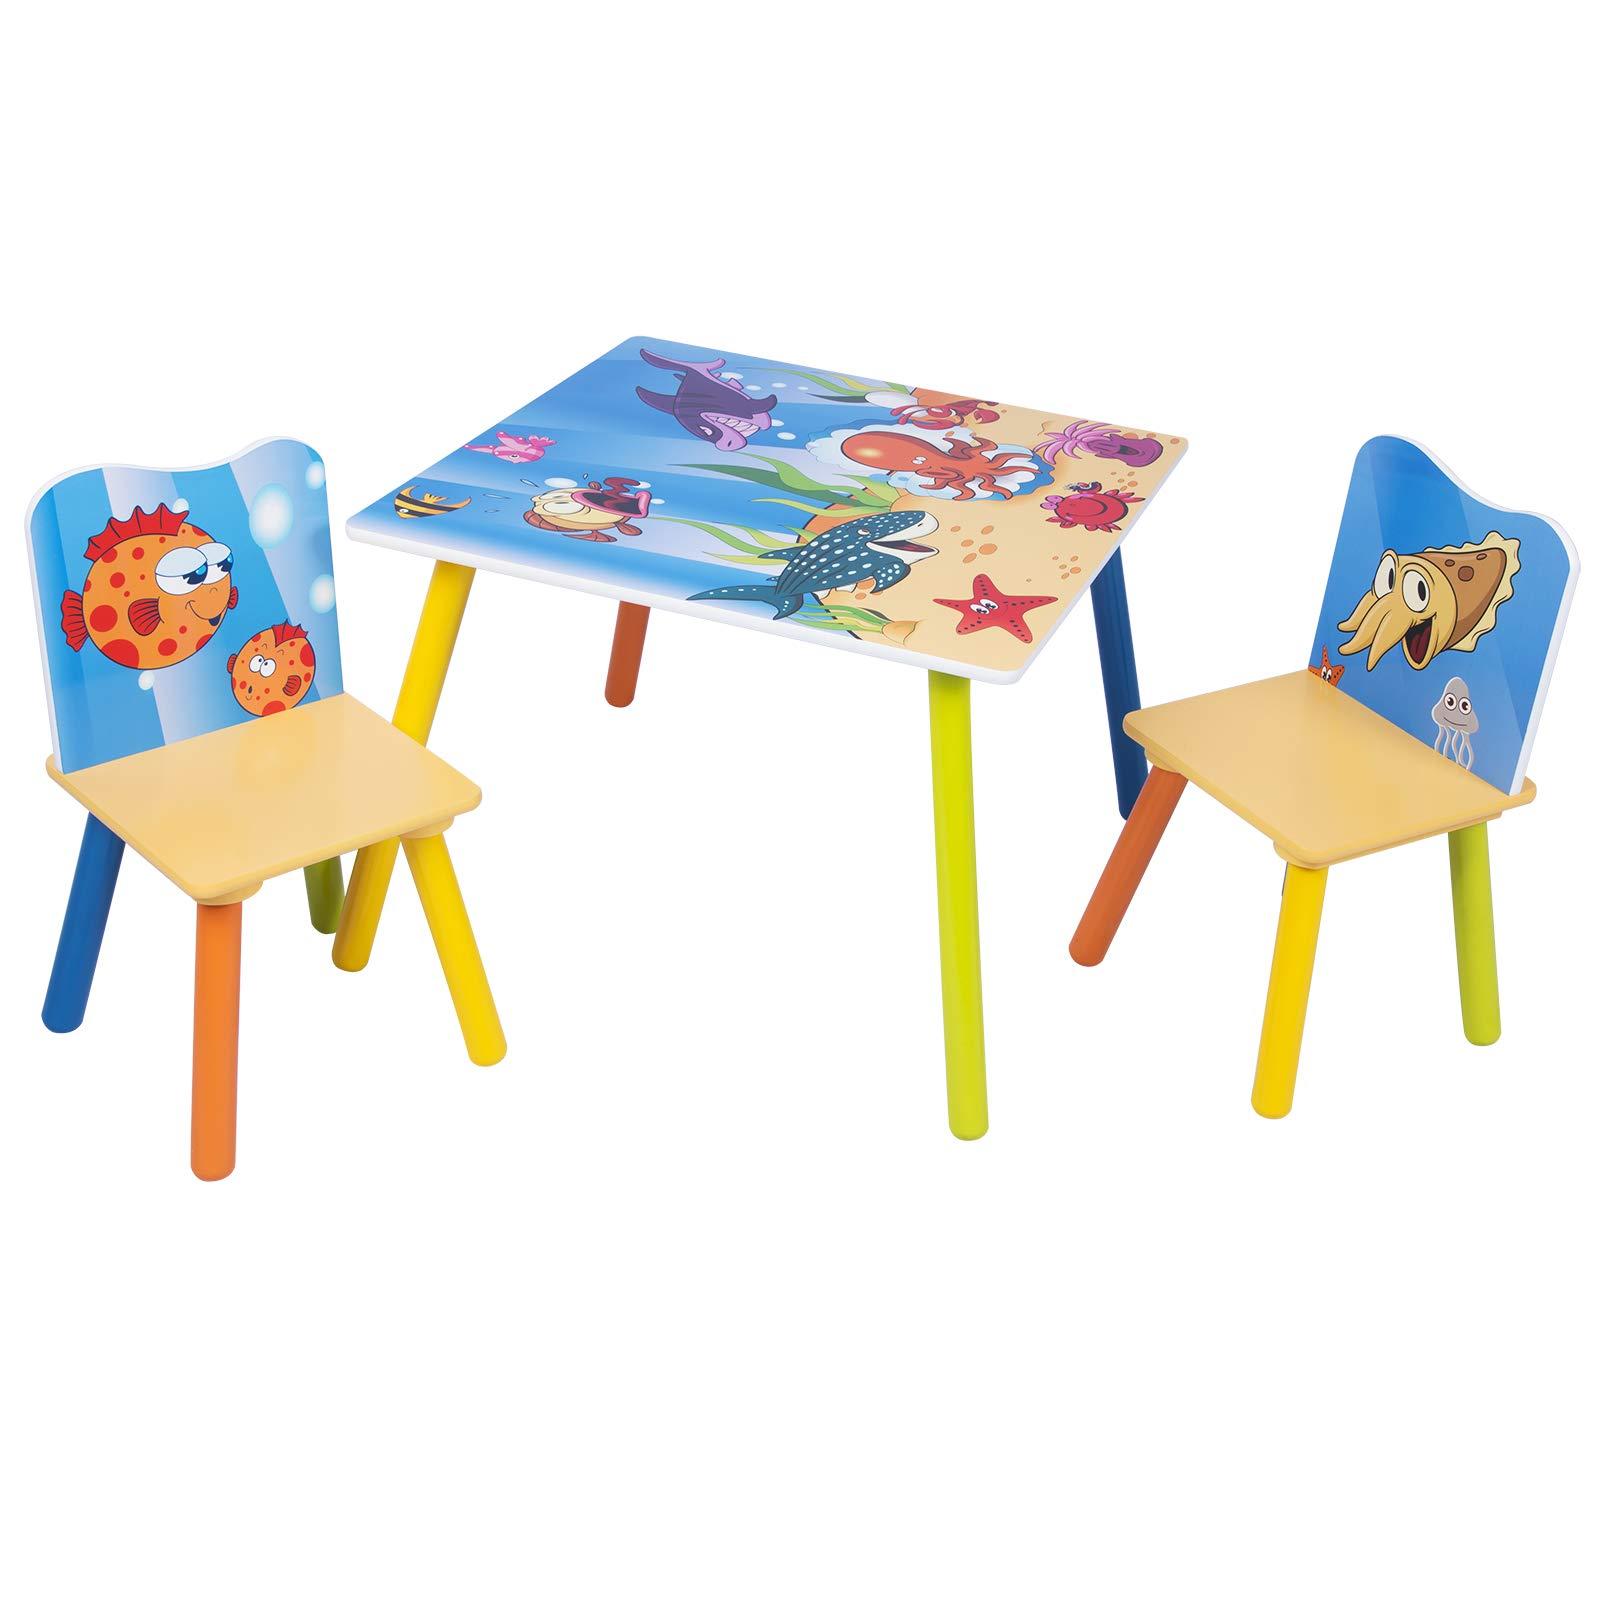 Tavolo In Legno Per Bambini Con Sedie.Rif9f594b Mobili Per Bambini Tavolino E Sedie In Legno